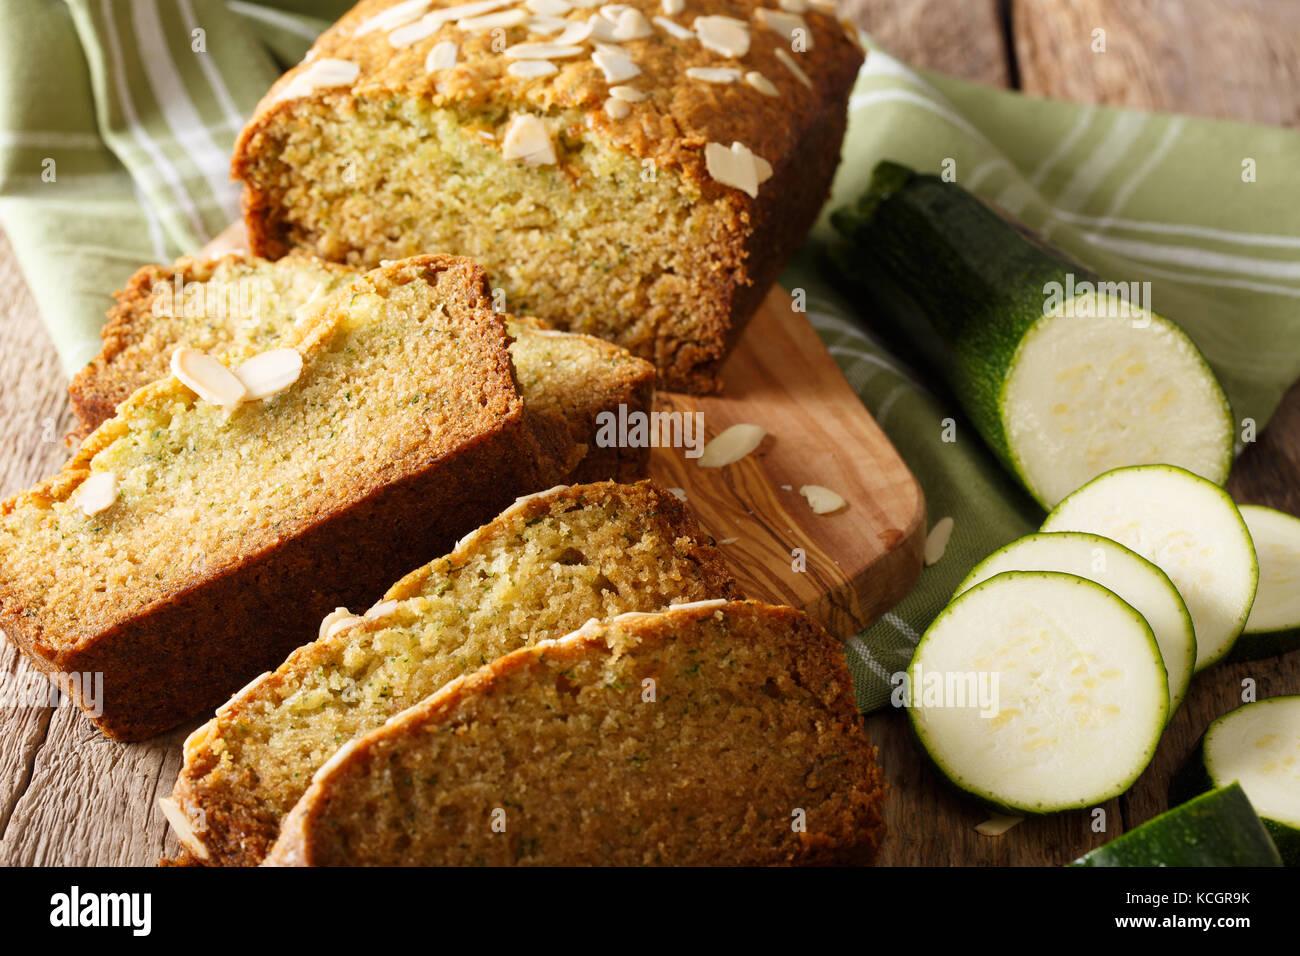 Des tranches de pain de courgettes aux amandes close-up sur la table horizontale. Banque D'Images